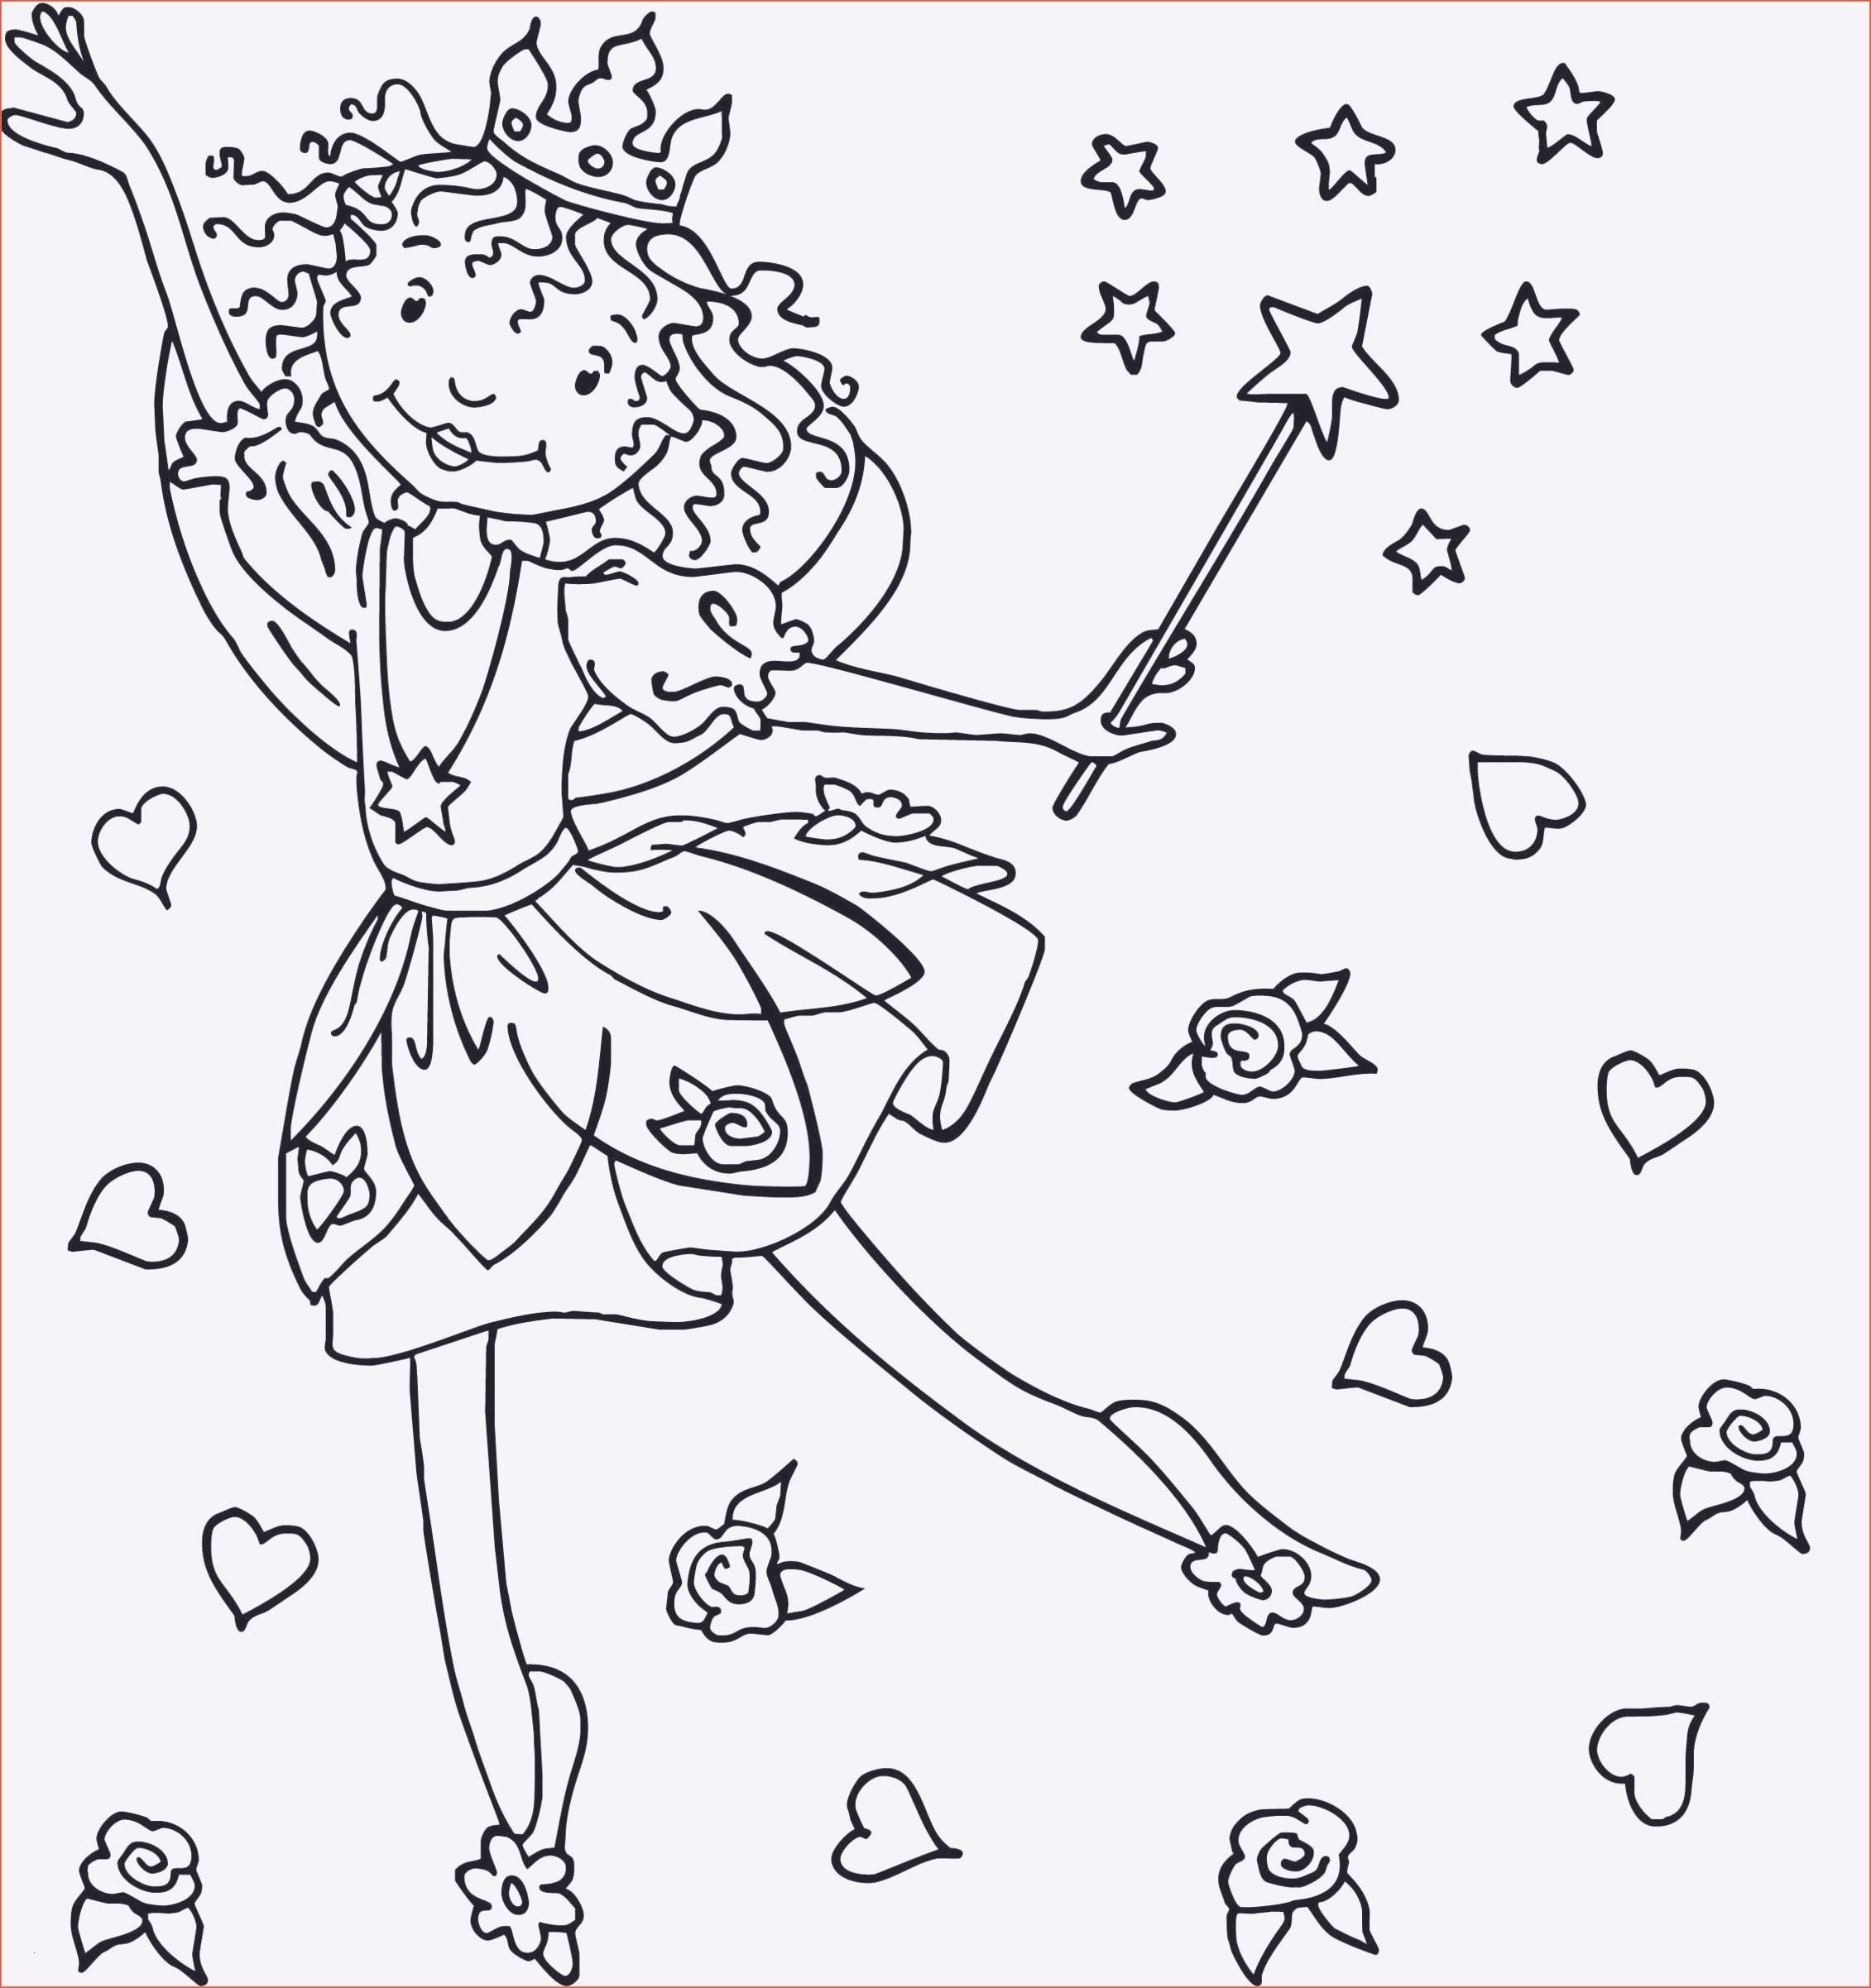 Disney Princess Ausmalbilder Frisch Malvorlagen Kleidung Edel Malvorlagen Gratis Prinzessin Disney Neu Fotografieren